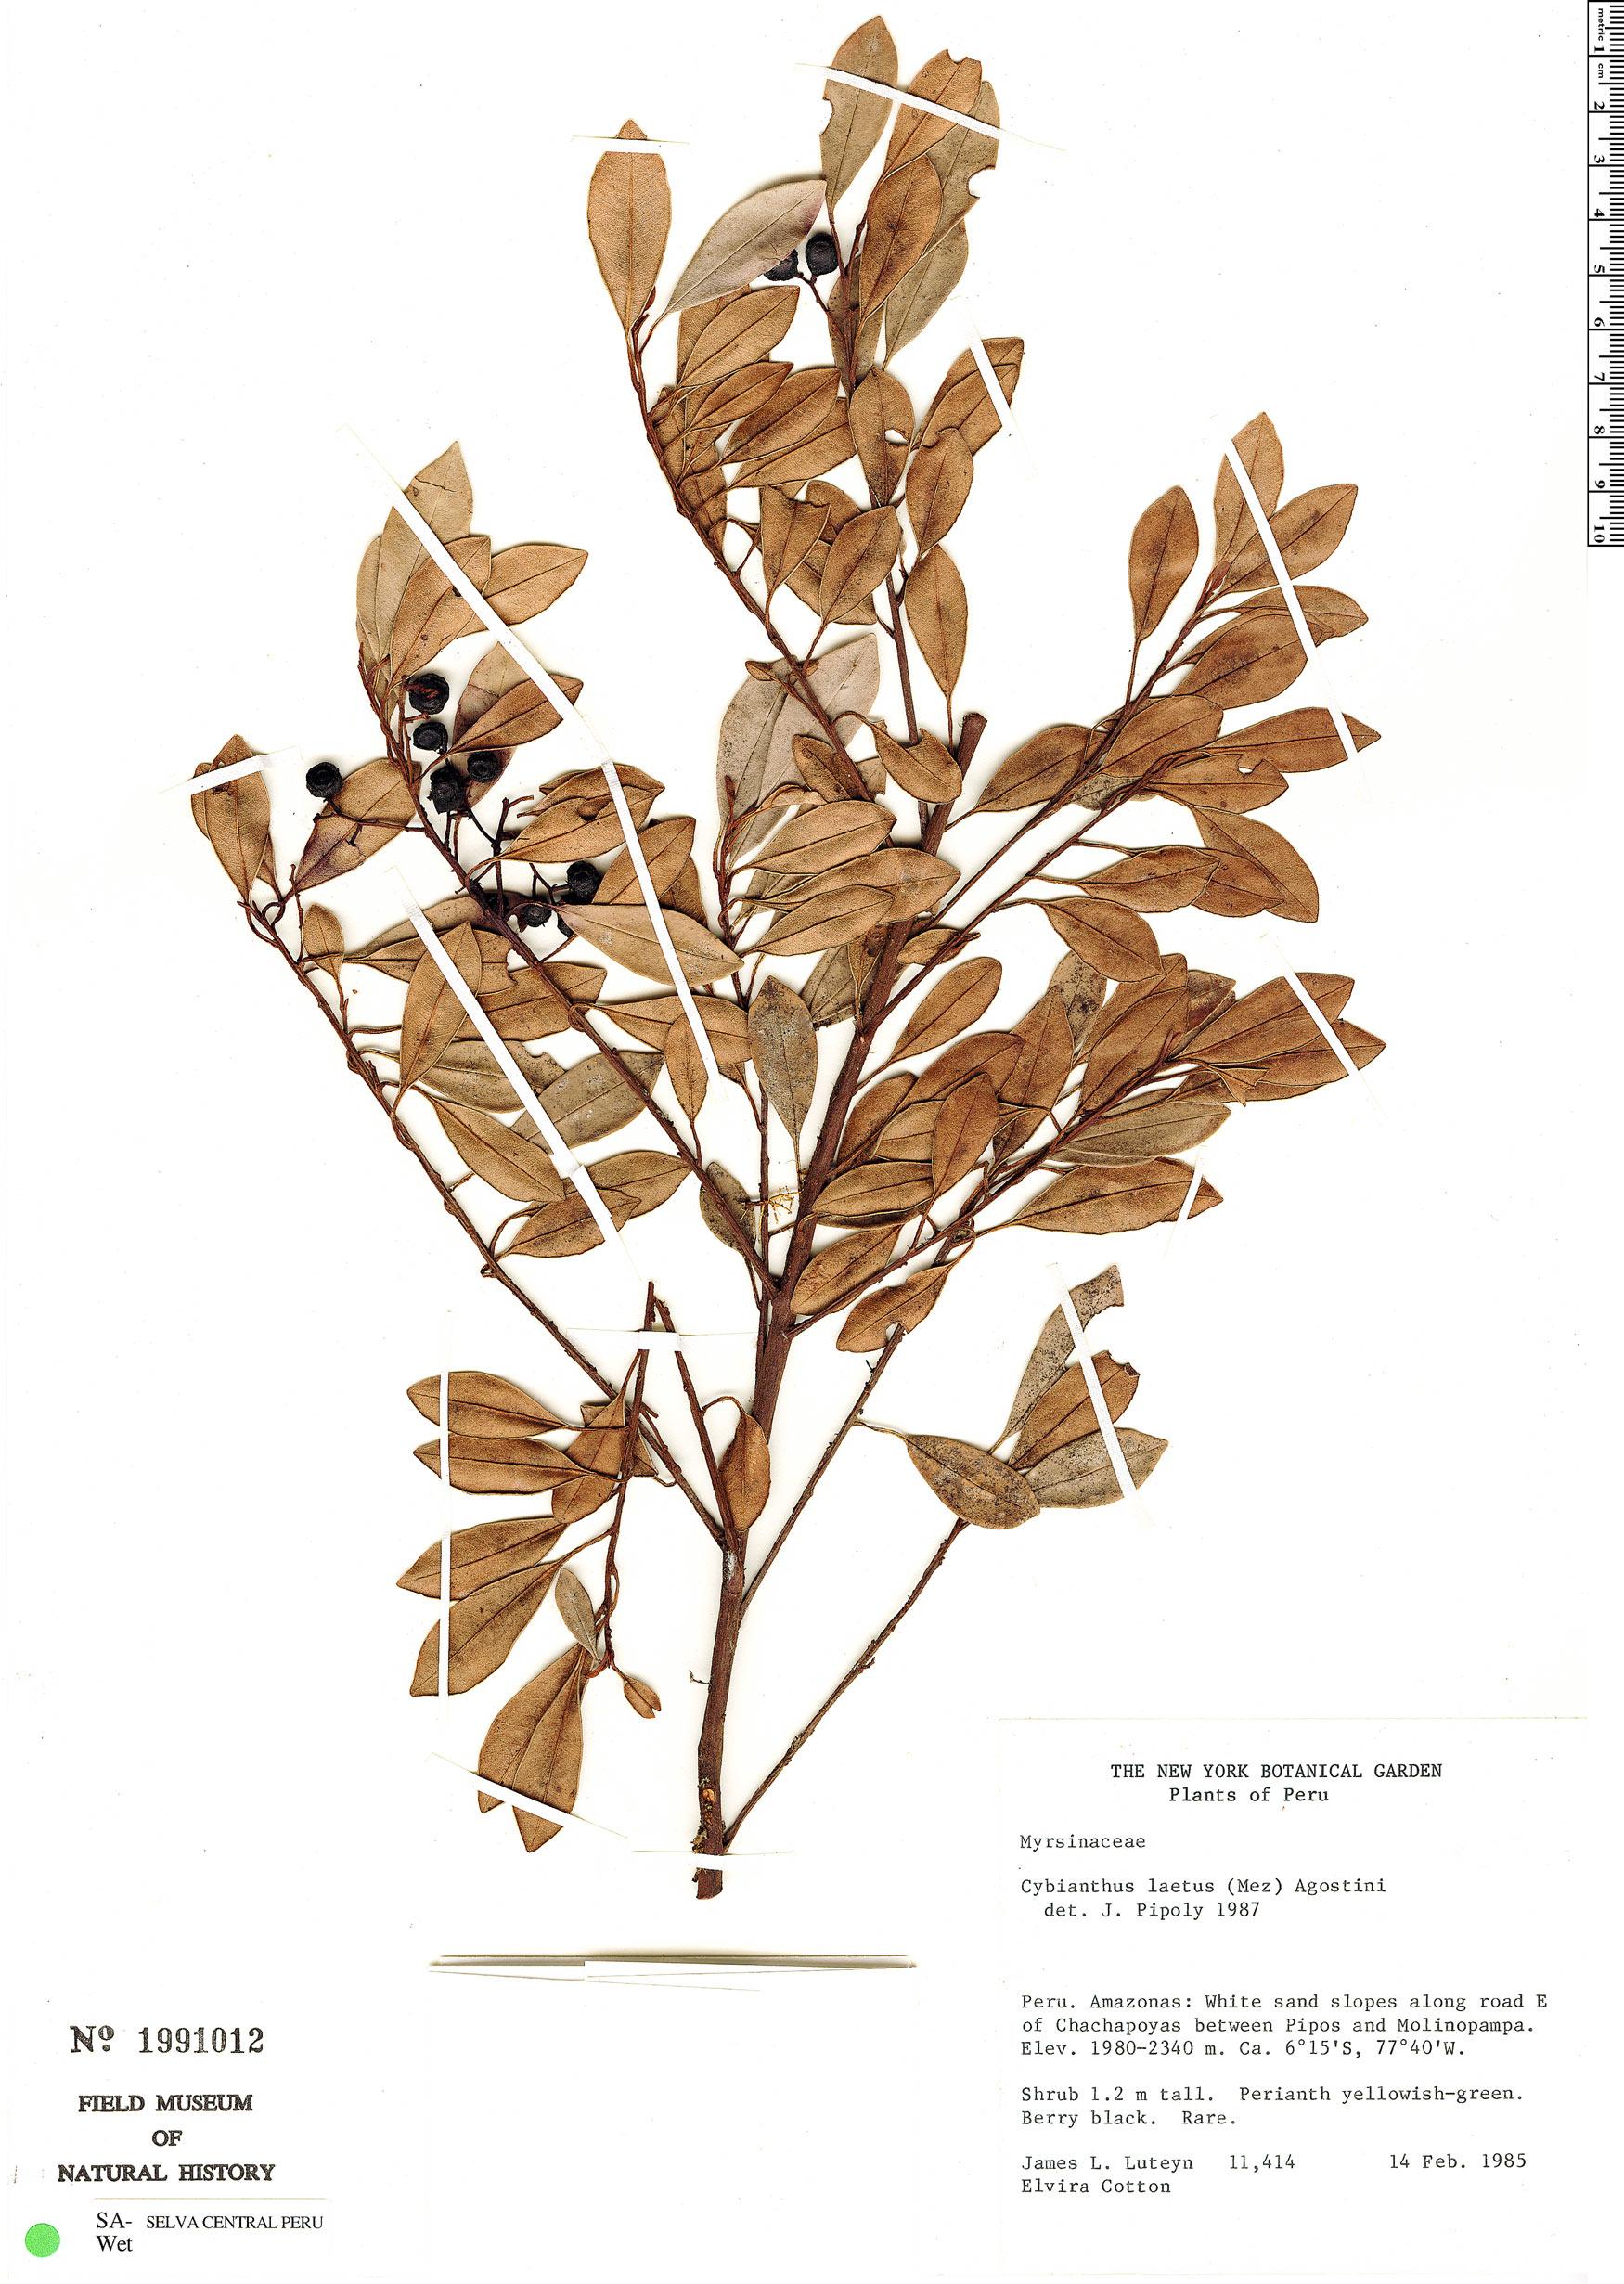 Specimen: Cybianthus laetus